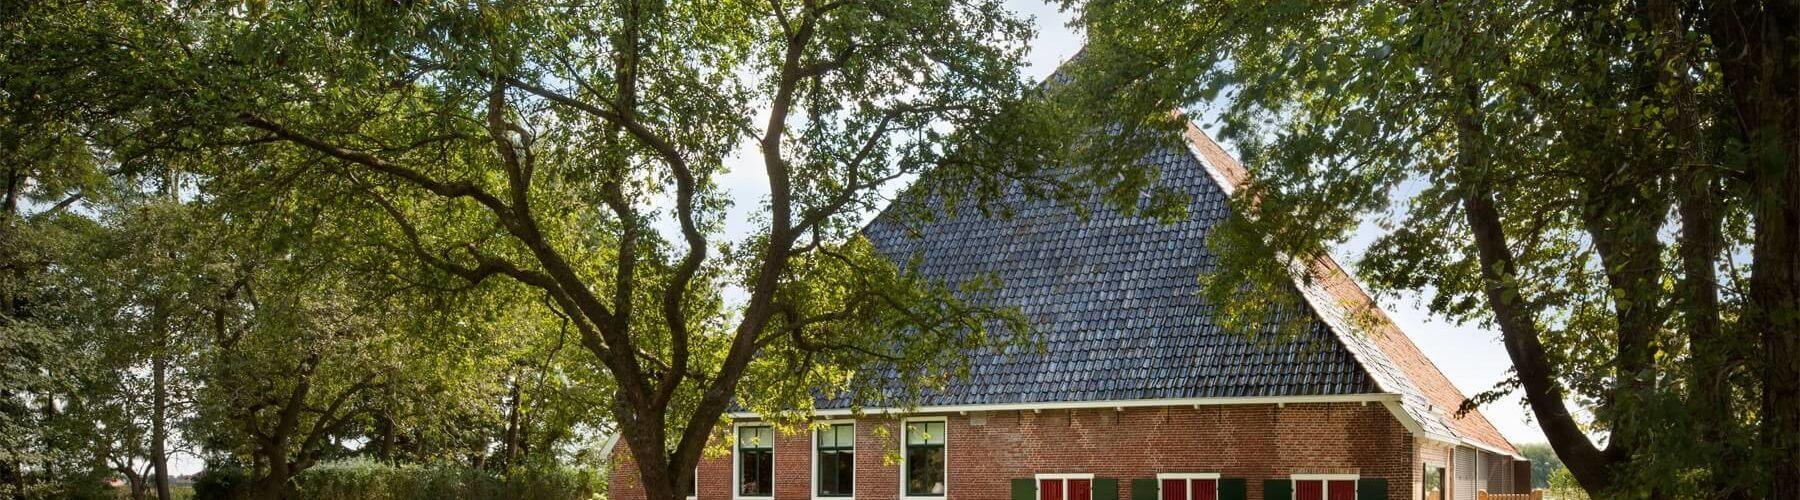 Boerderijtuin Friesland